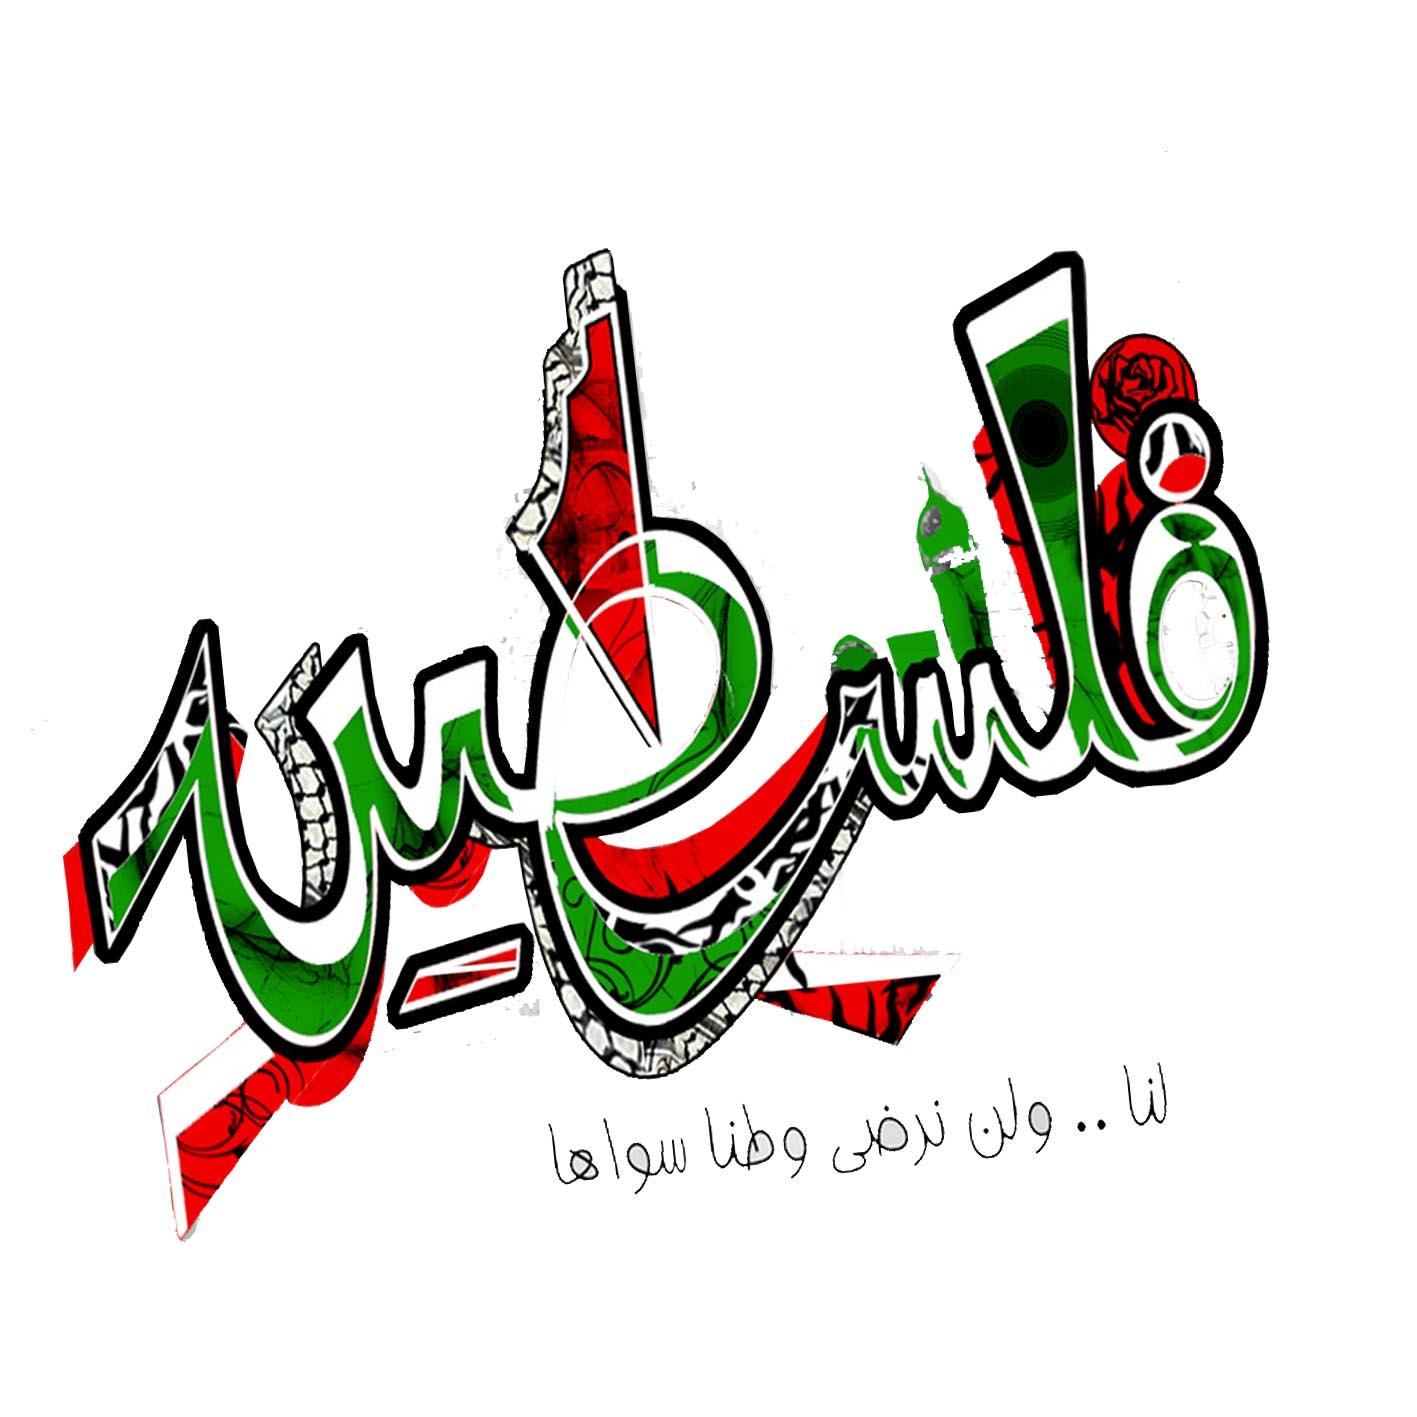 صور إنهاء الإنقسام فى فلسطين  Ssssss12